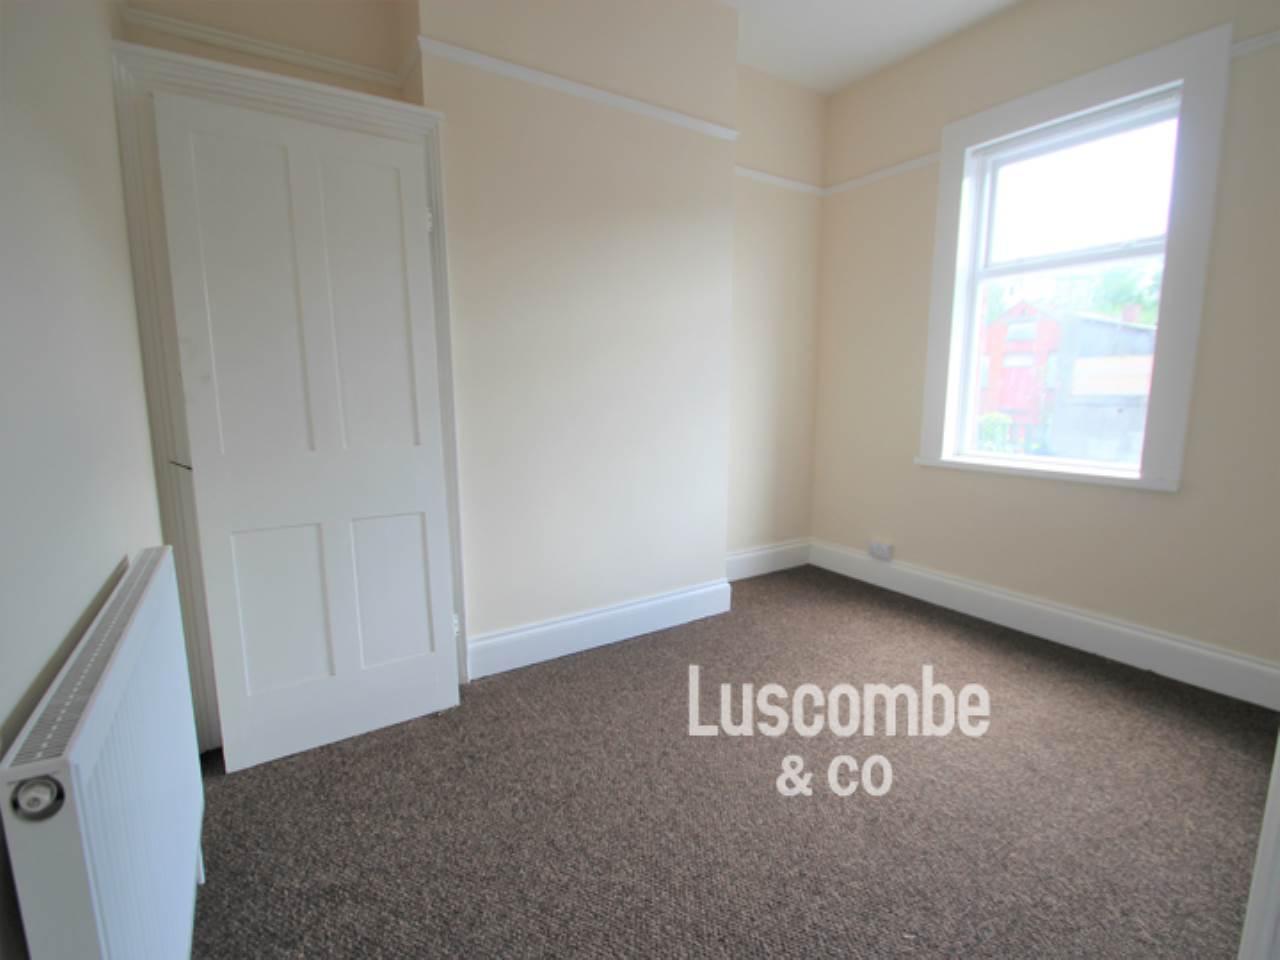 sofa malpas road newport set fabric color 1 bedroom flat to rent crindau